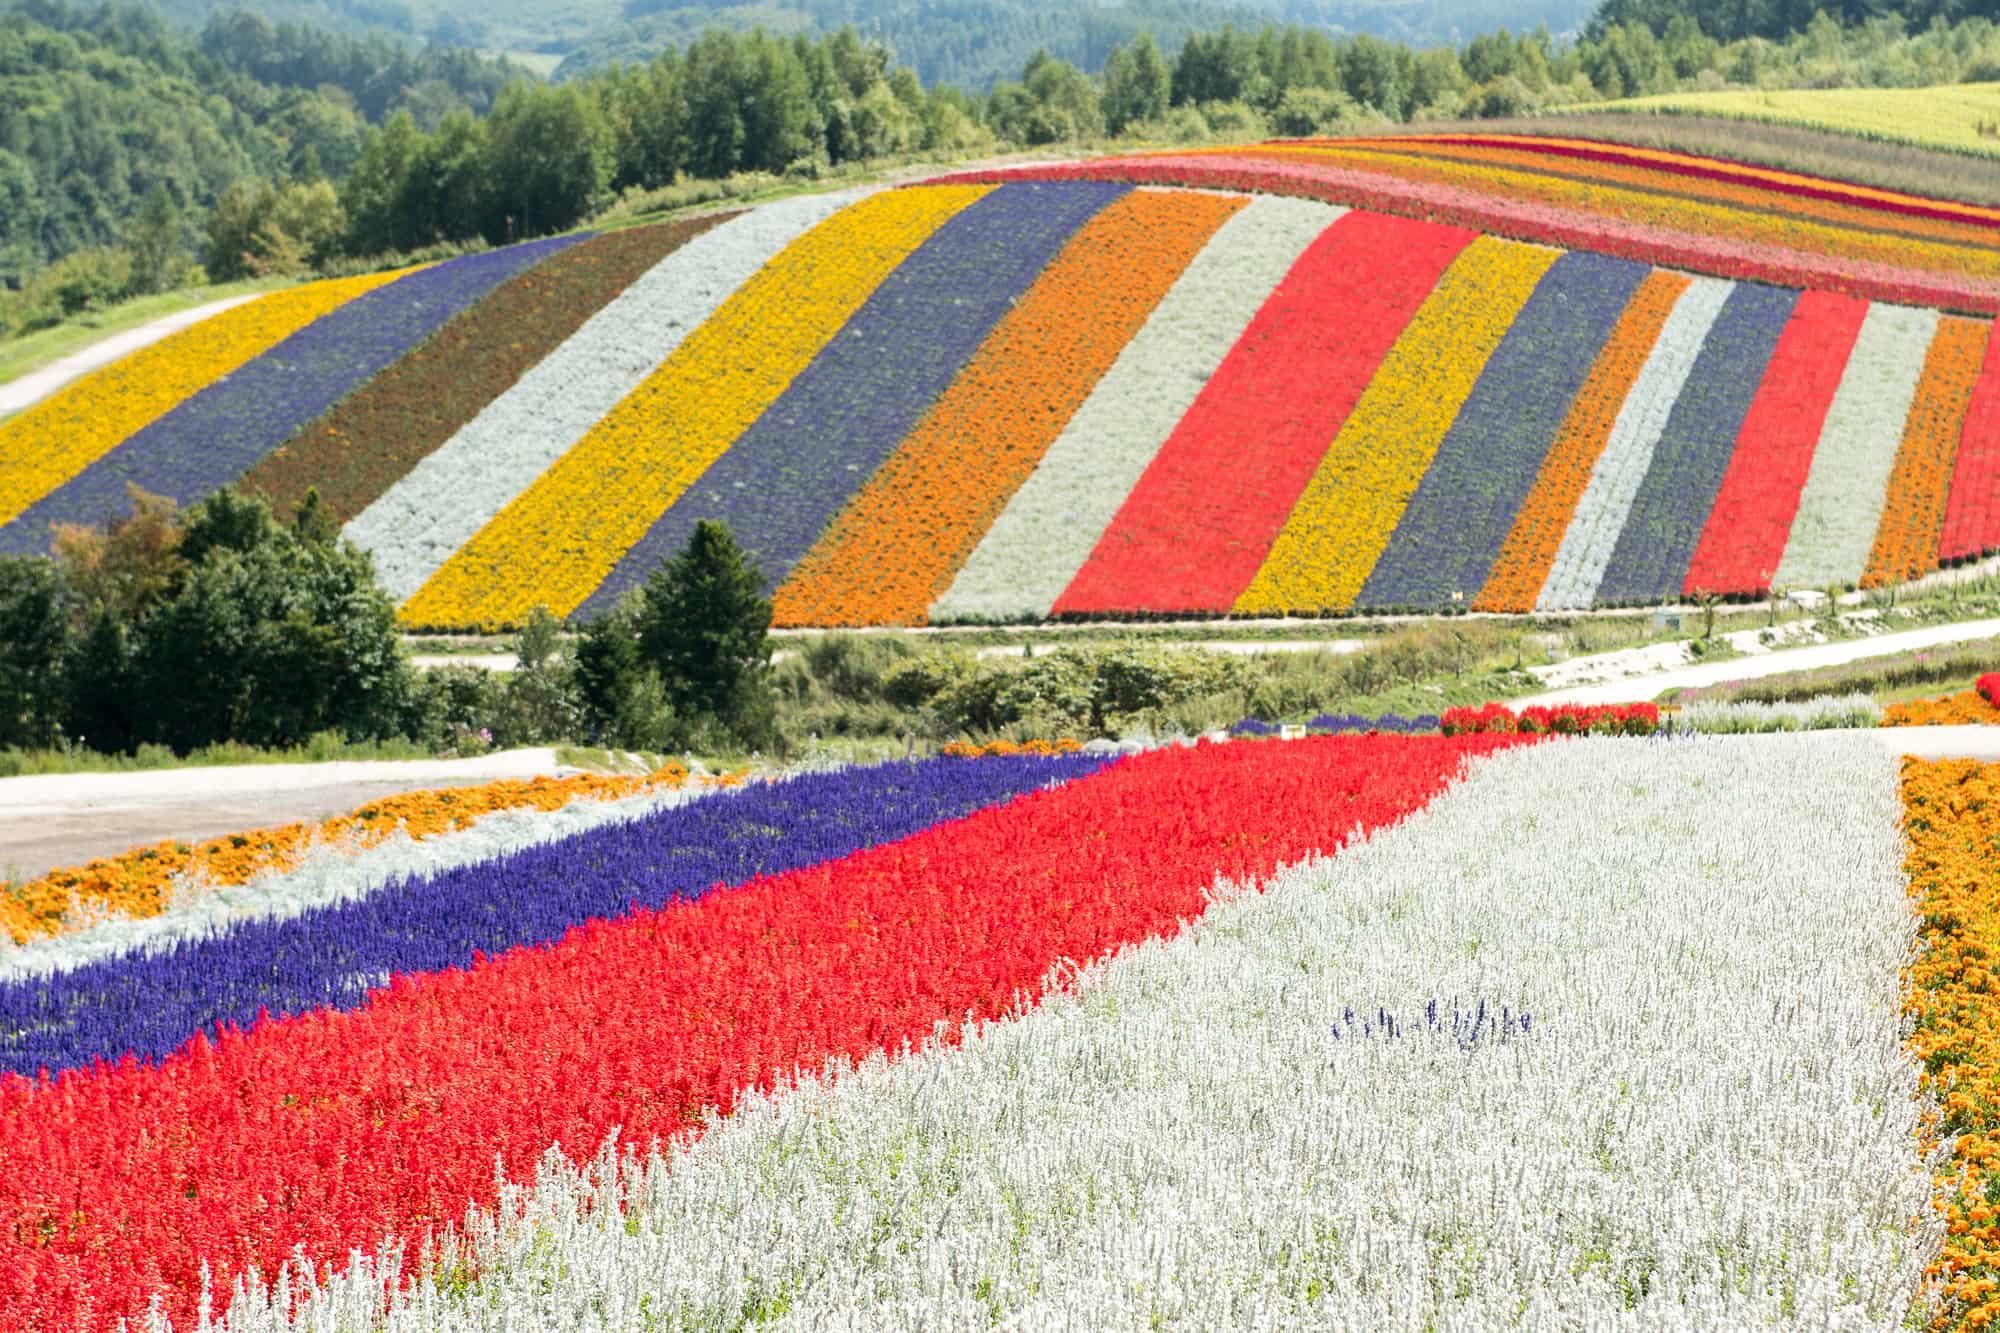 Flower fields of Shikisai-no-oka